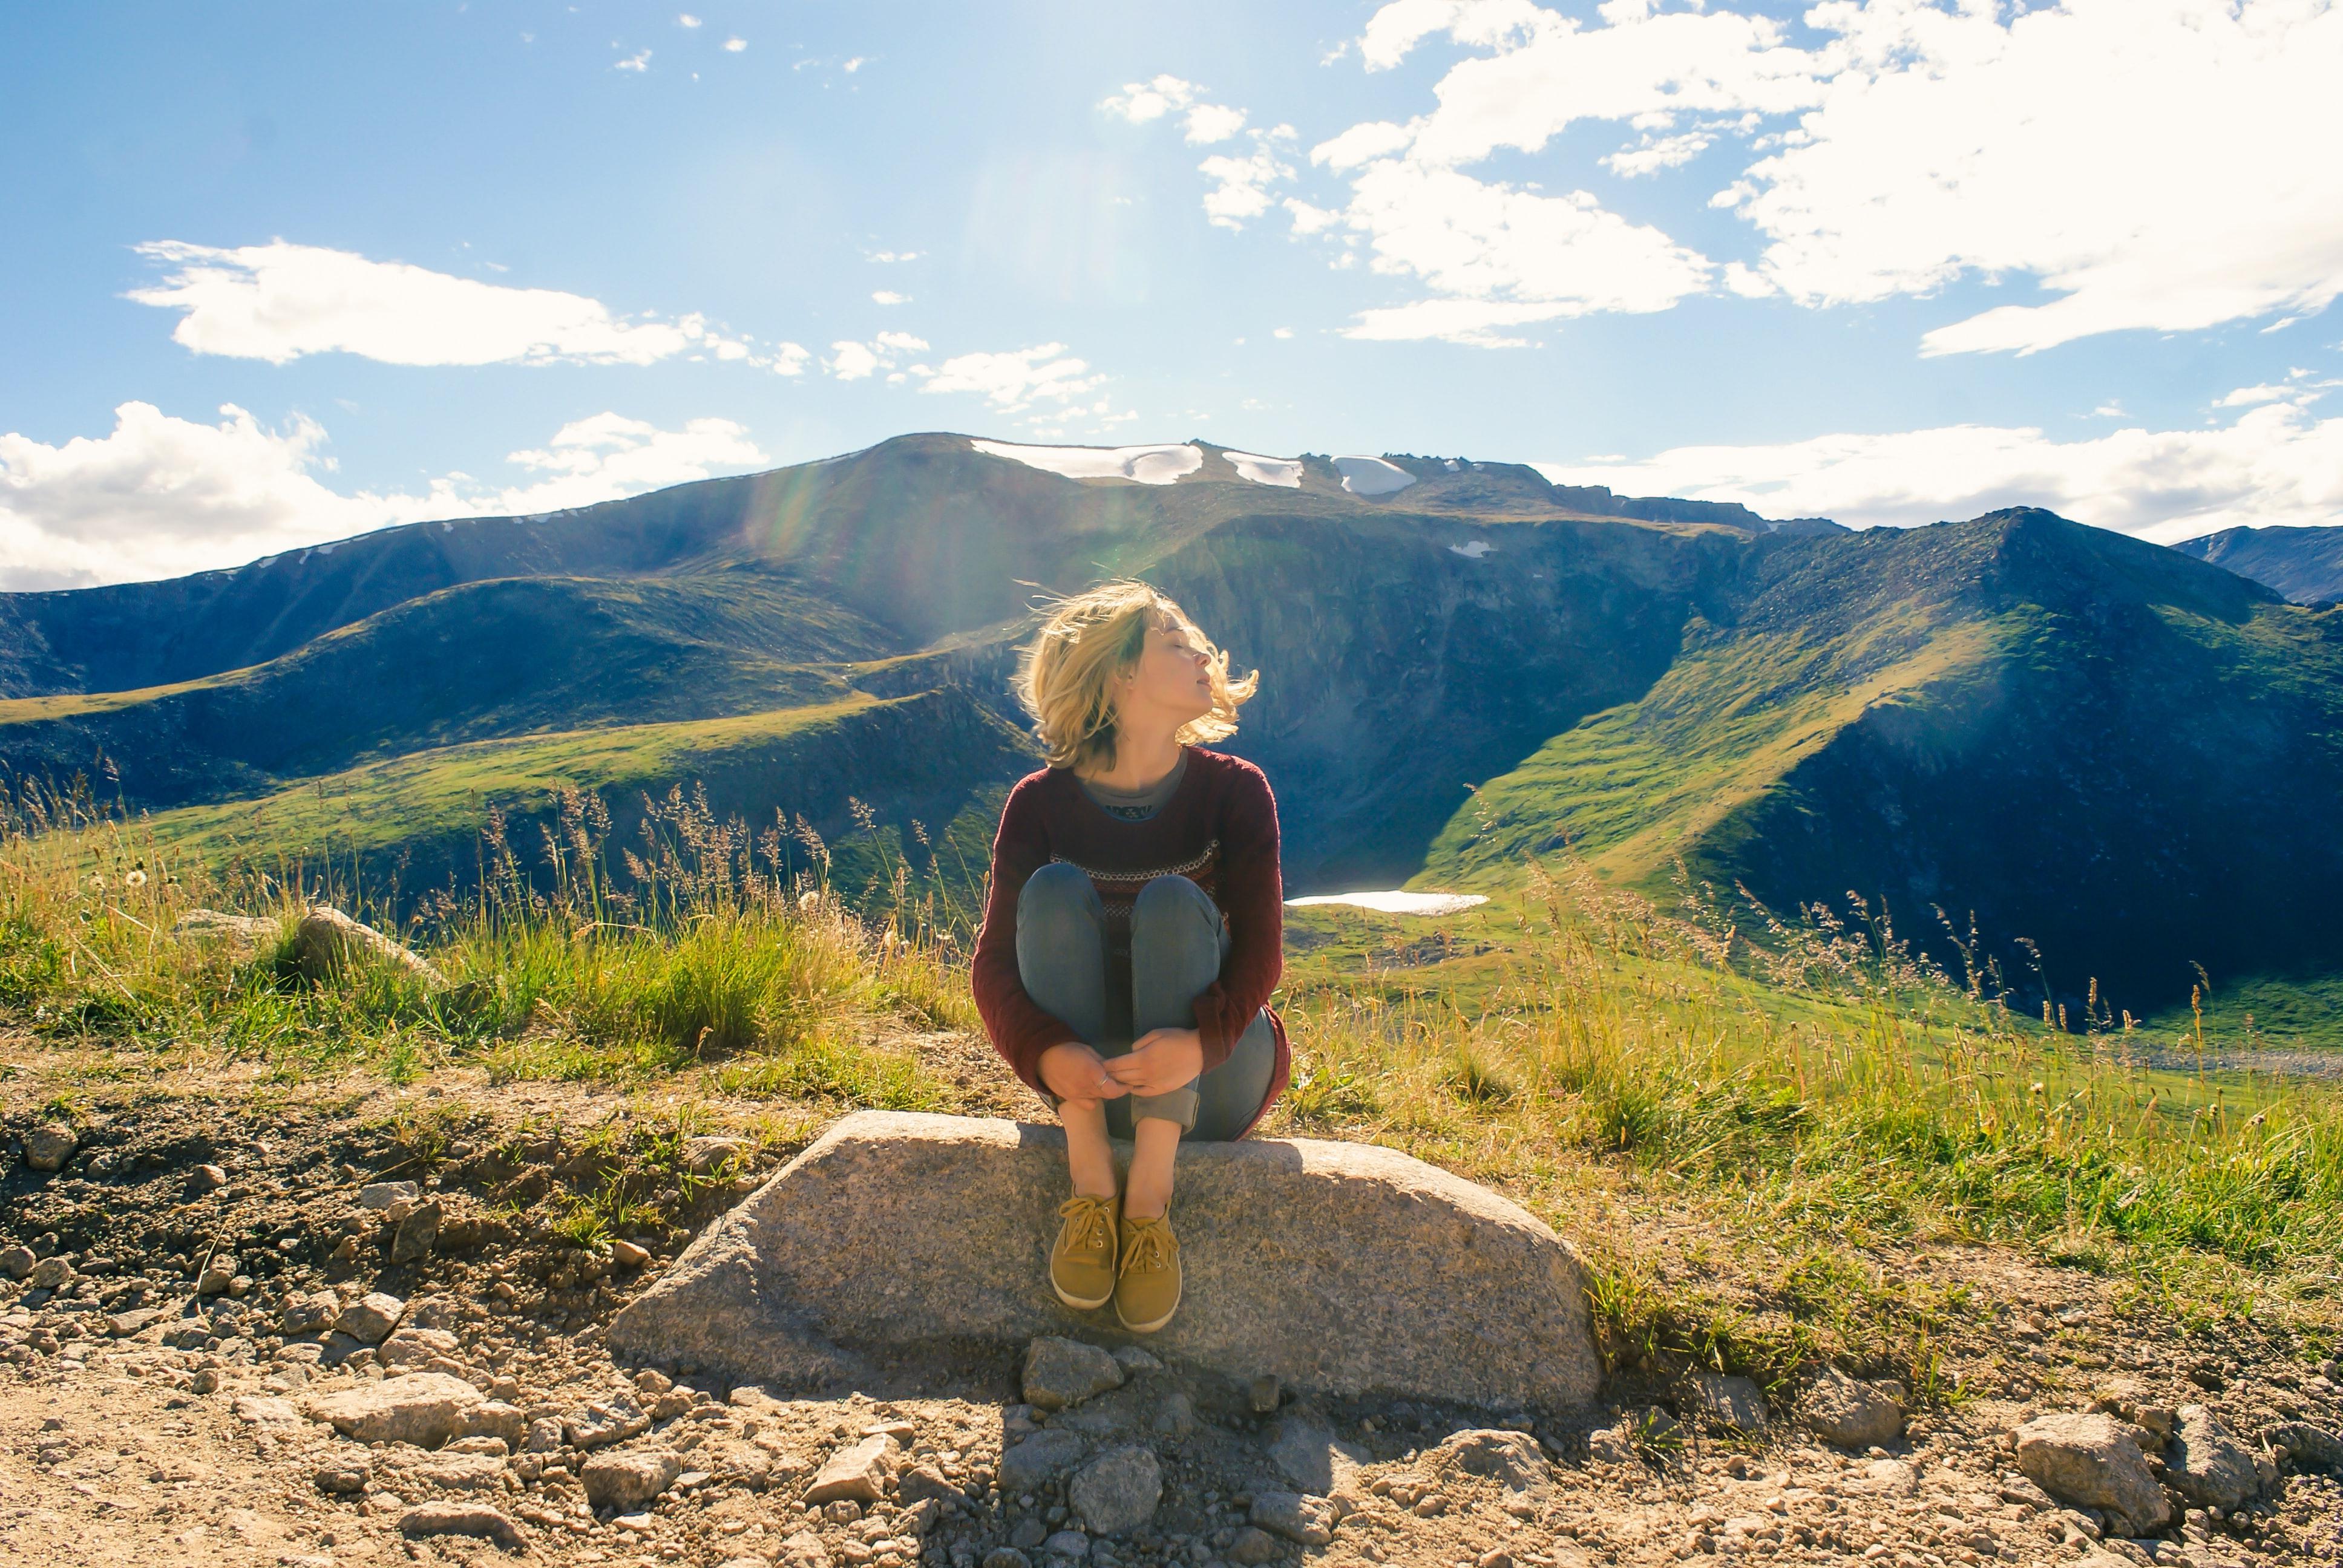 Woman in wilderness